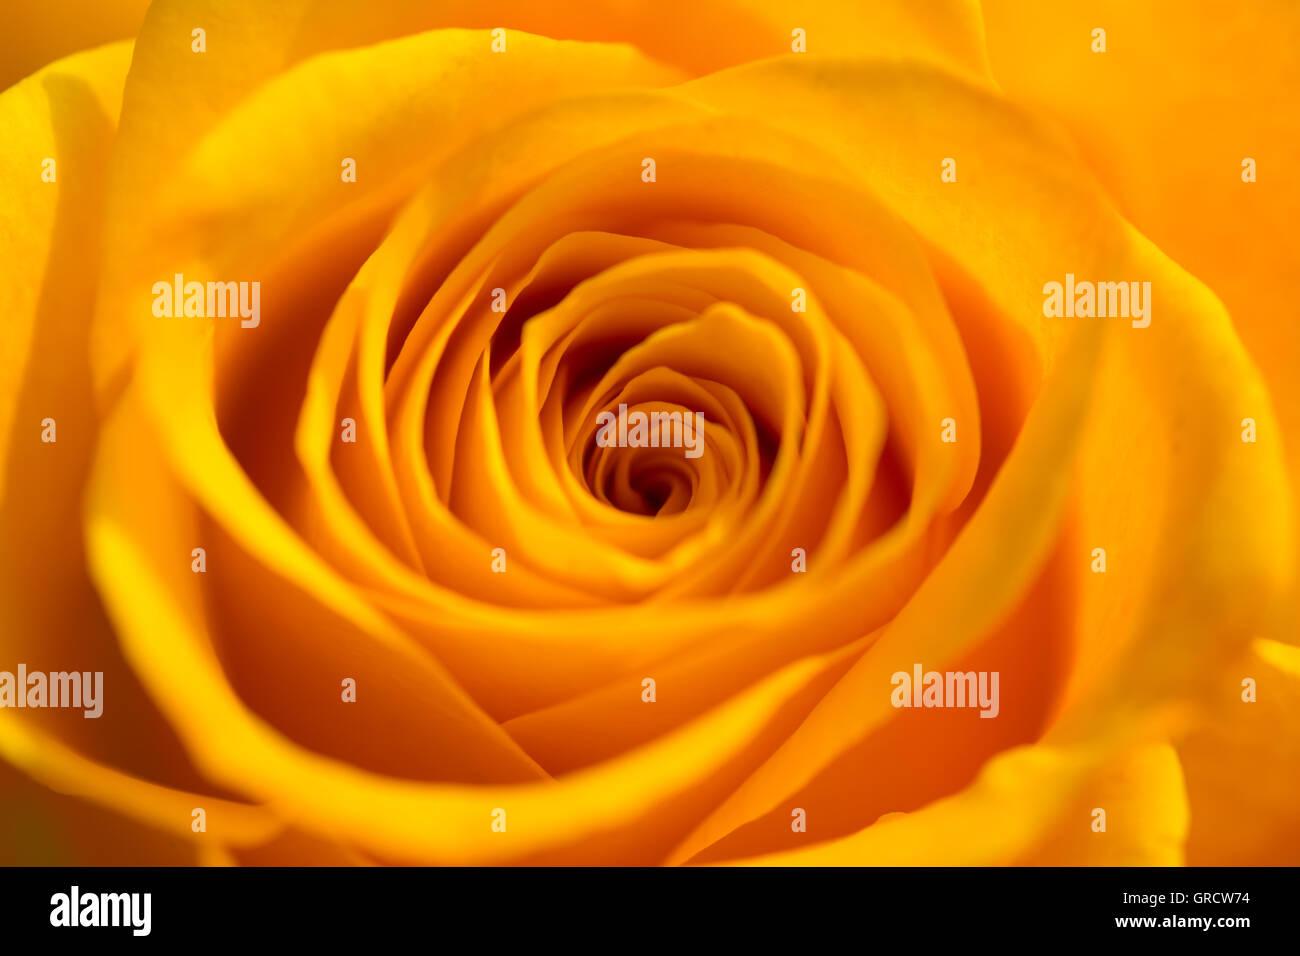 Detail Of A Single Orange Rose. - Stock Image